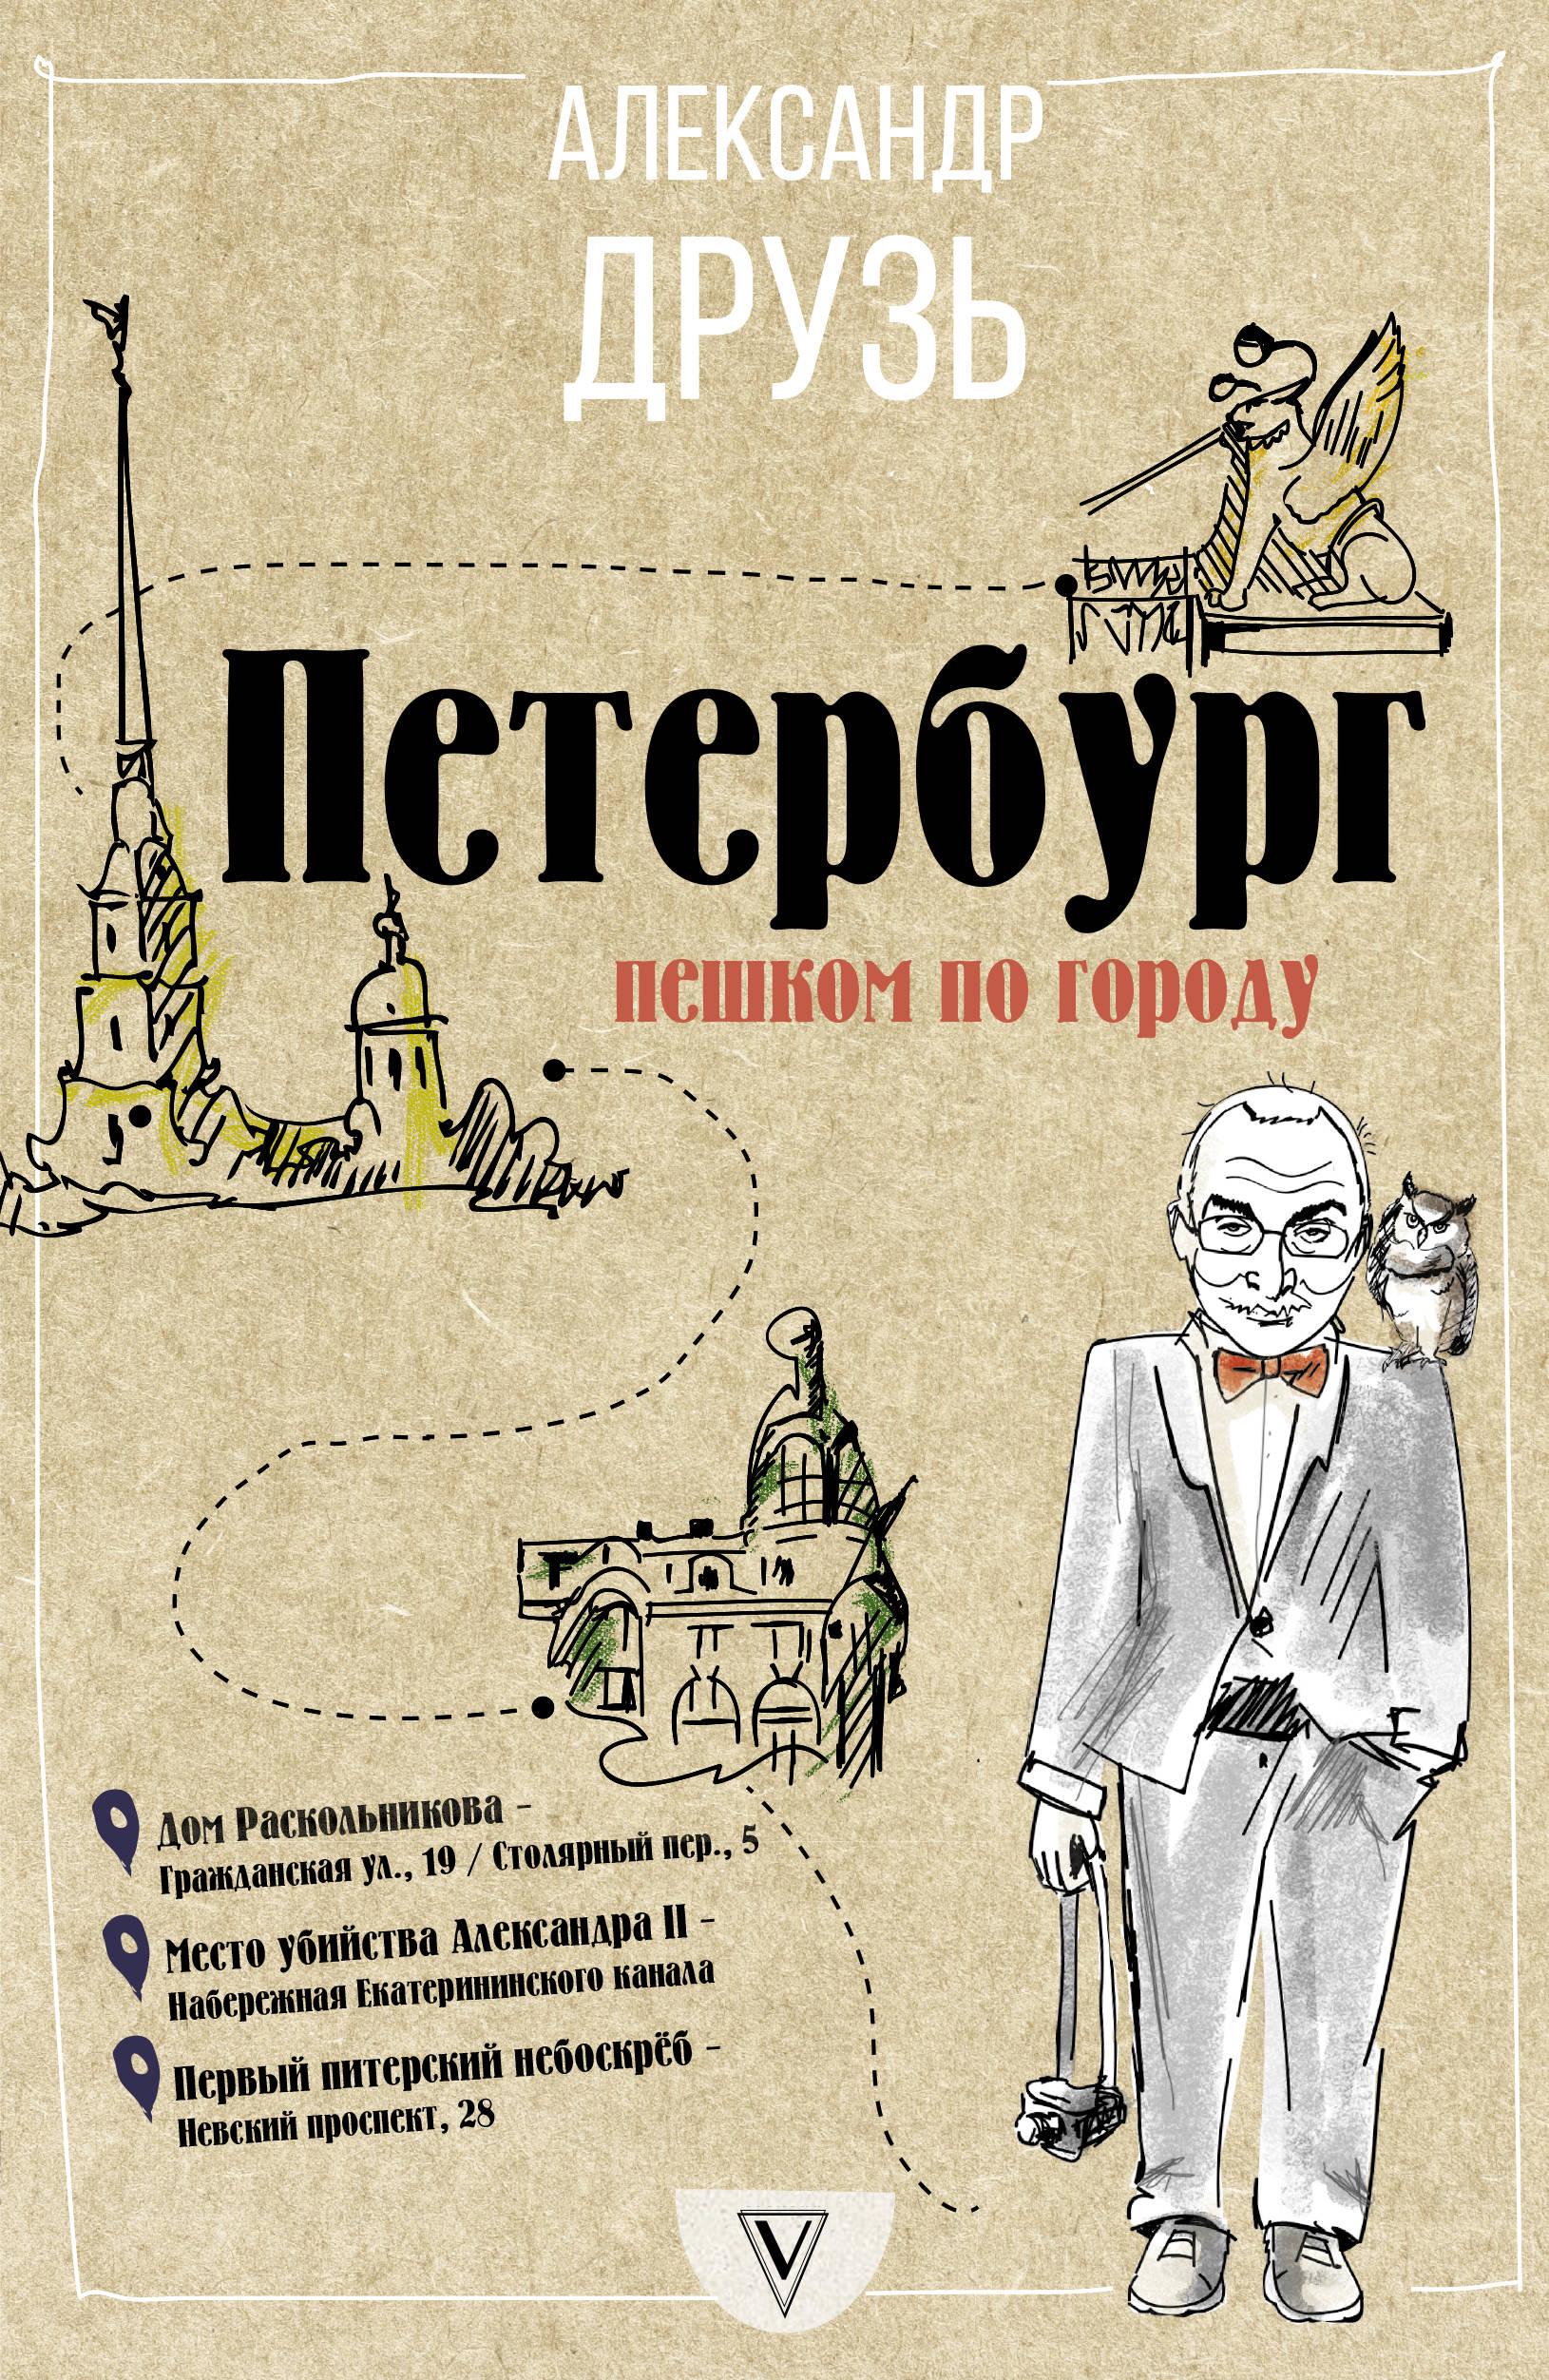 «Петербург: пешком по городу»